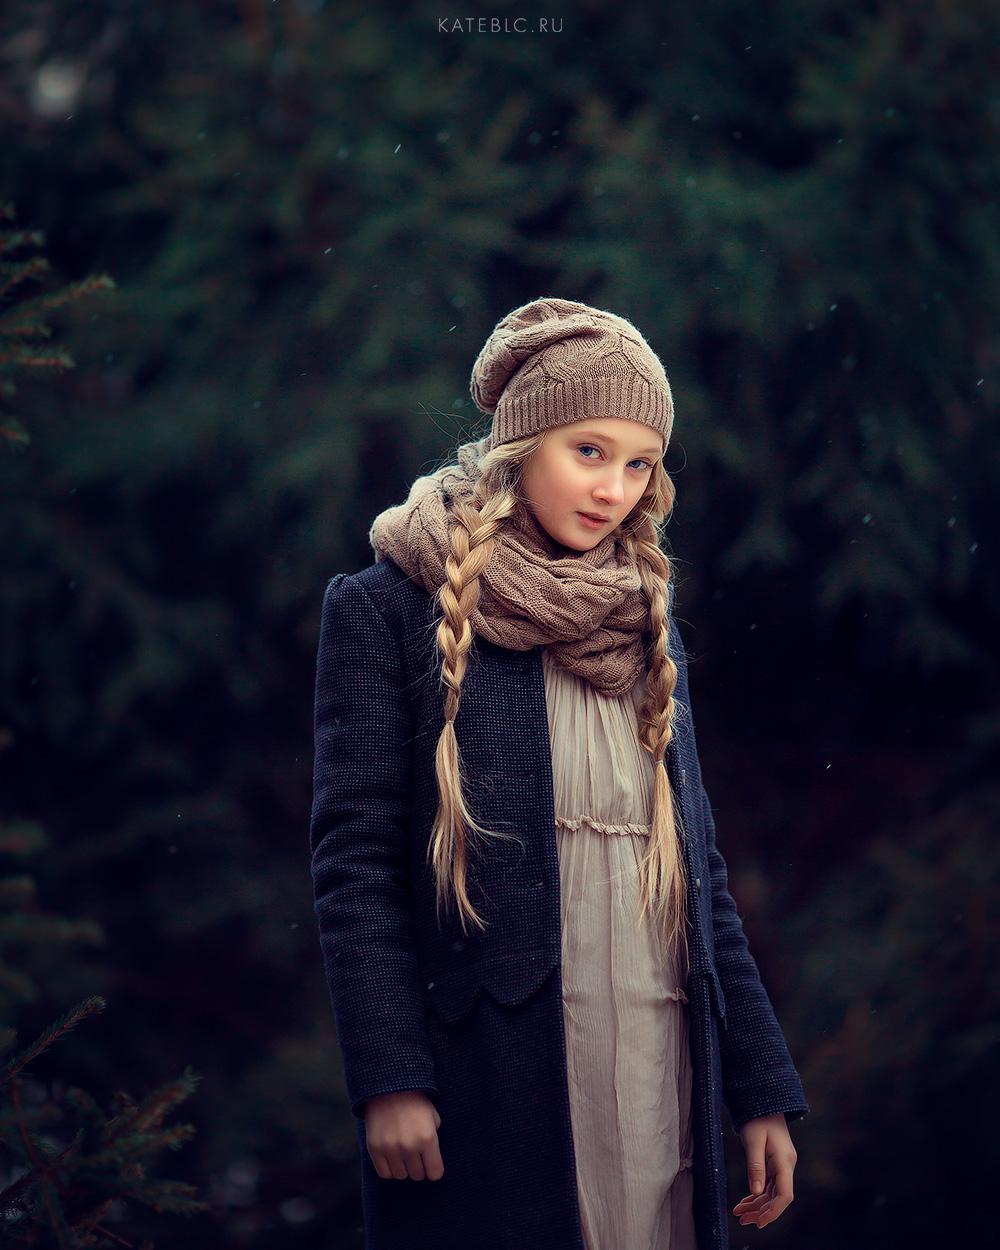 Портретная фотосессия для девочки. детский фотограф Катрин Белоцерковская